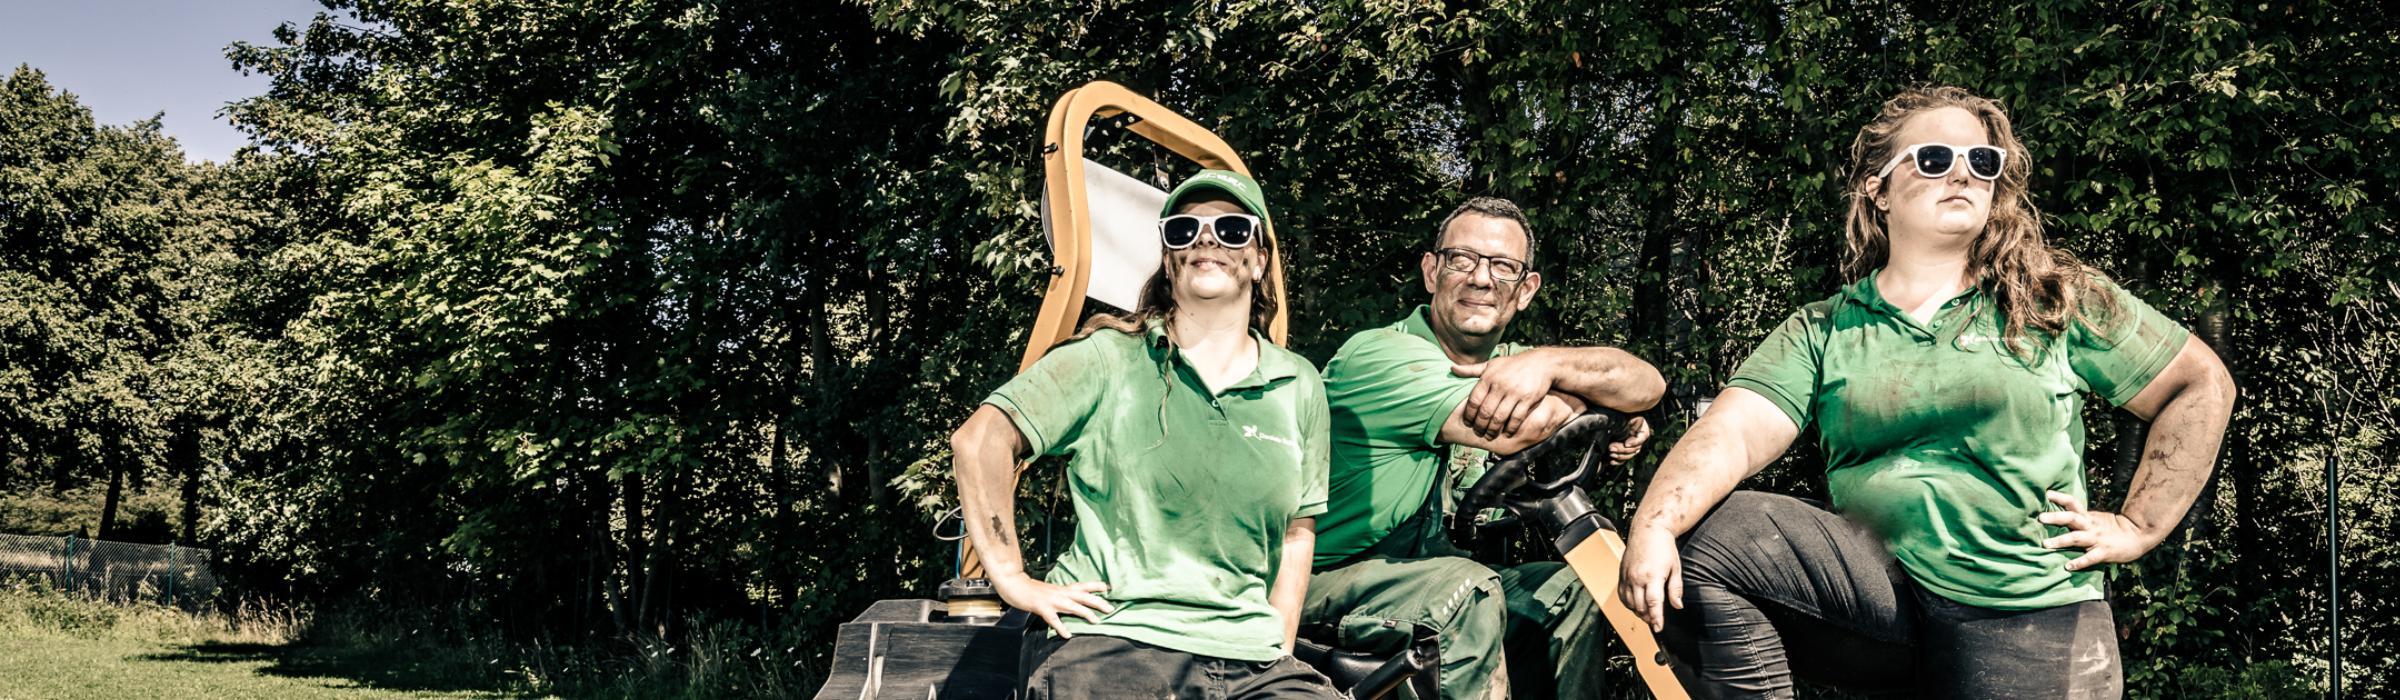 Team Rasenmähen © Simone Reukauf